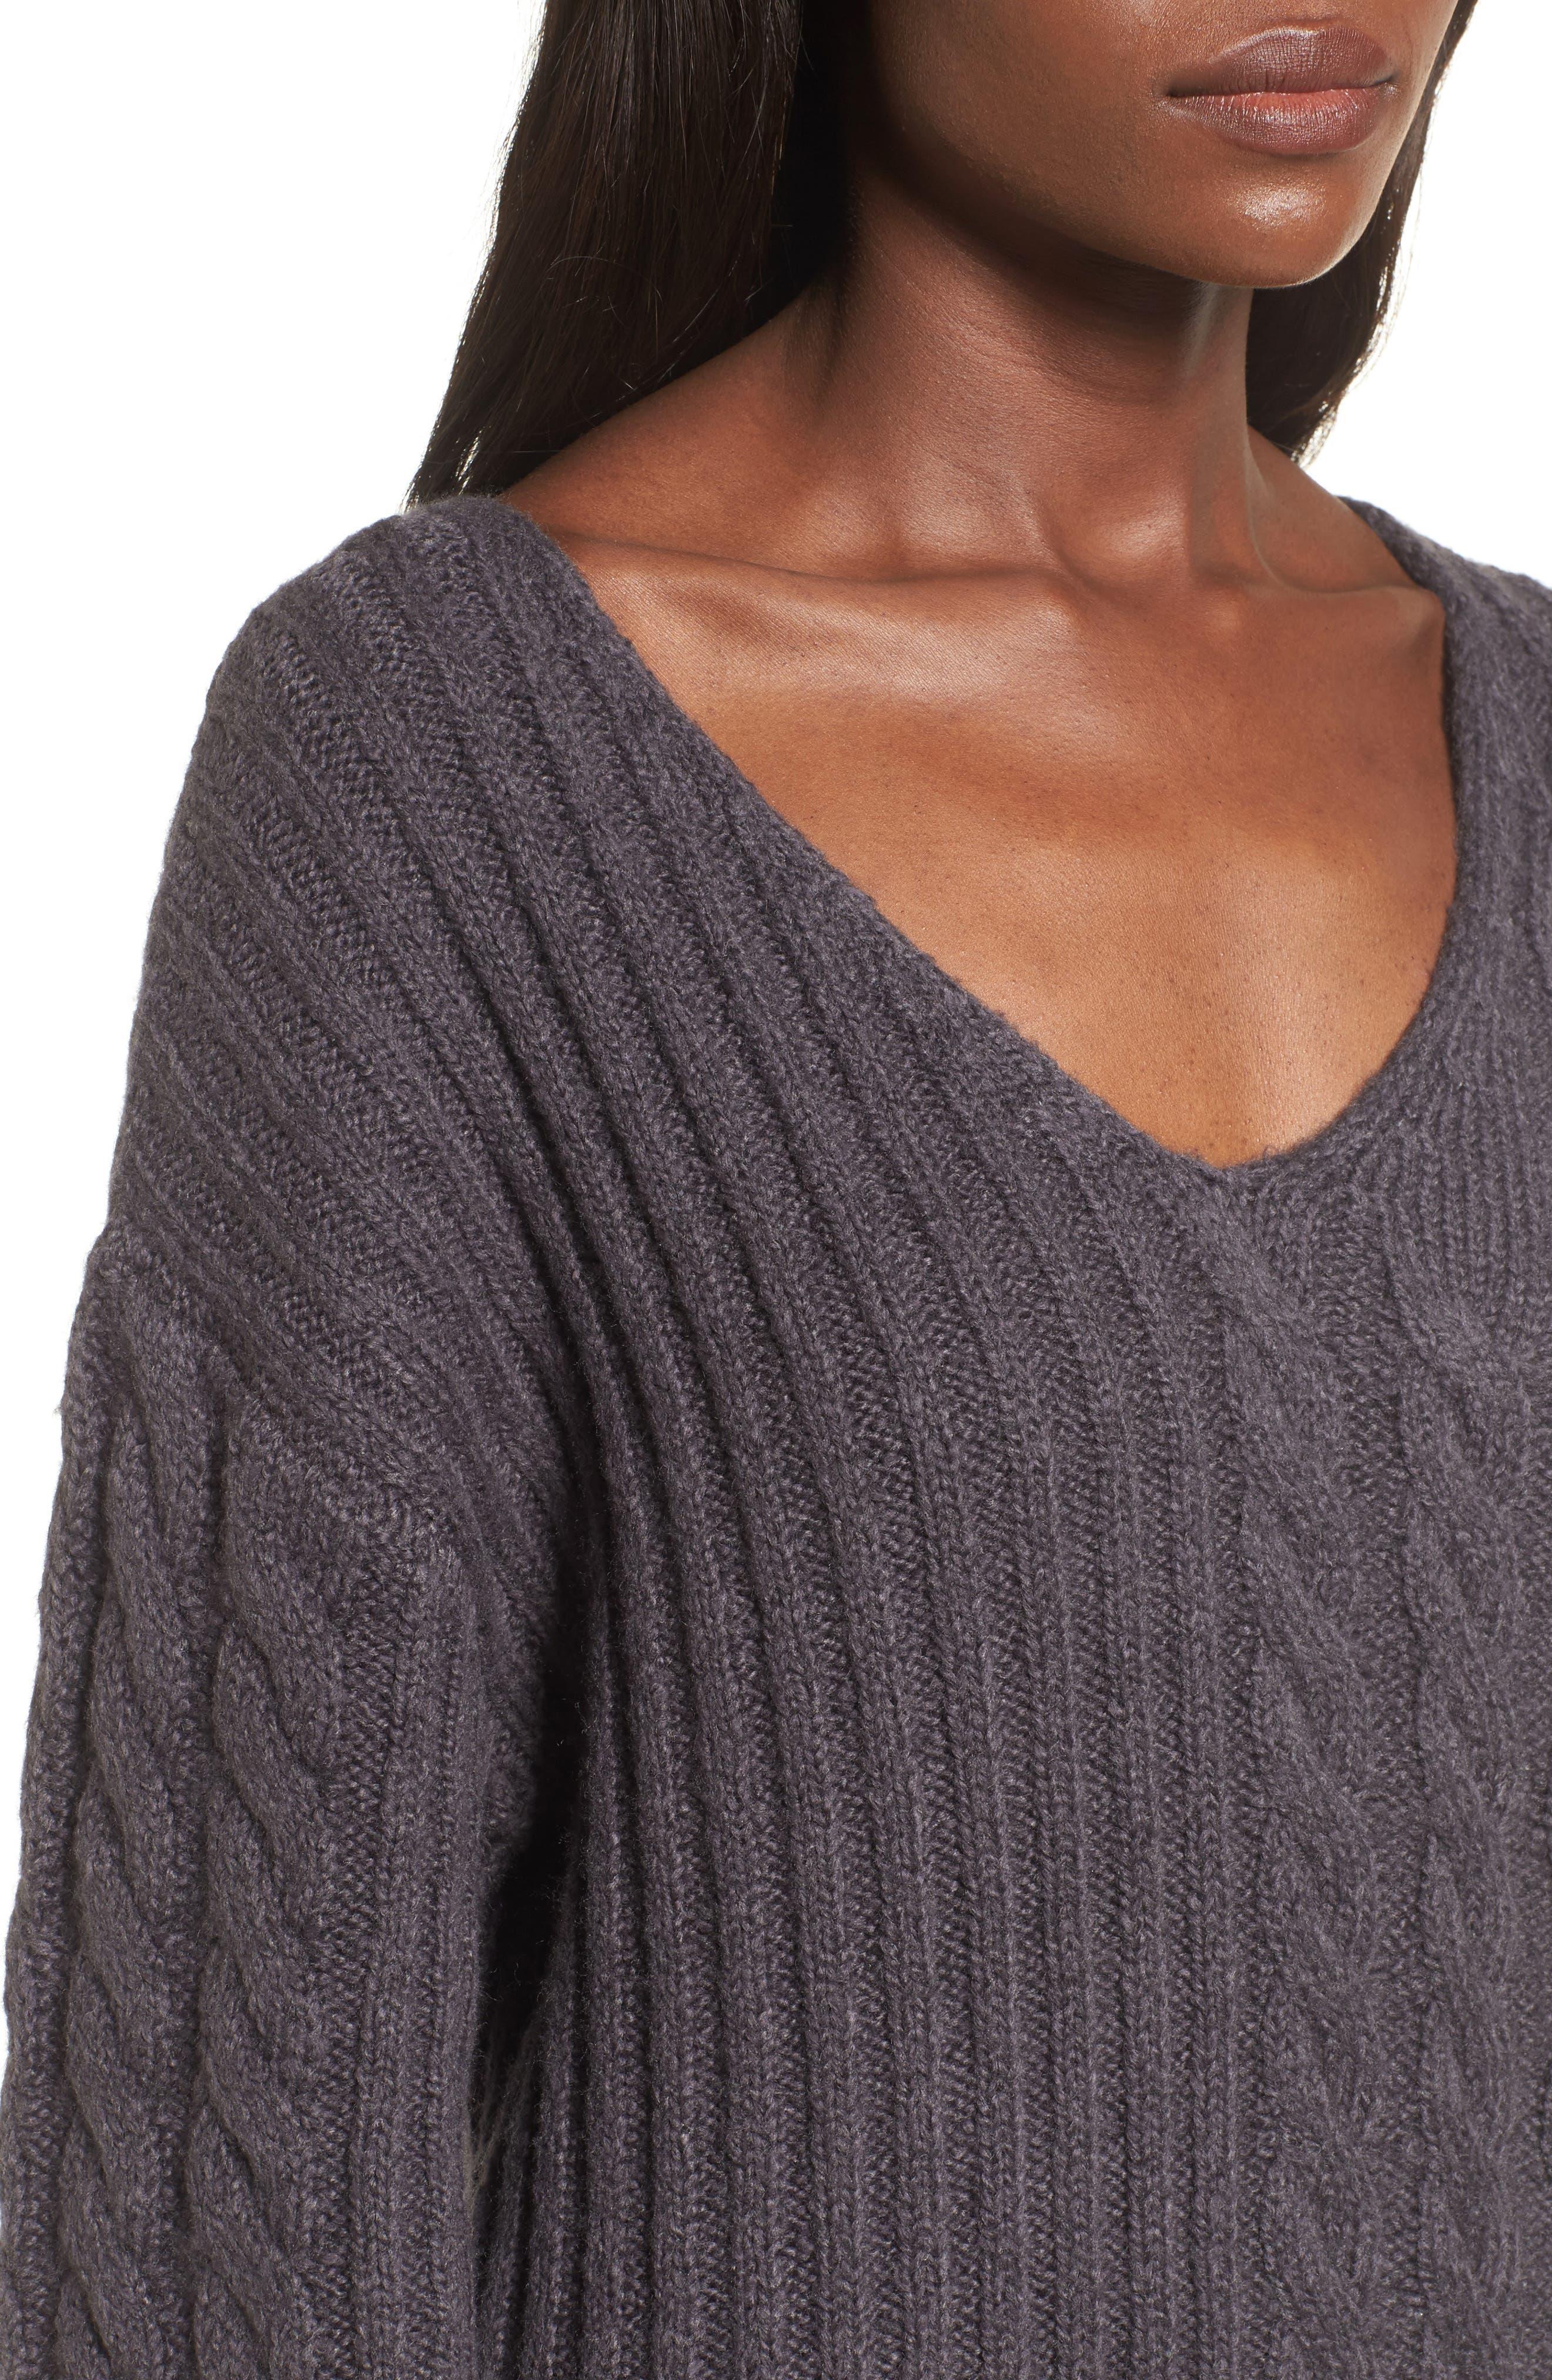 Mix Stitch Cotton Blend Sweater,                             Alternate thumbnail 4, color,                             021